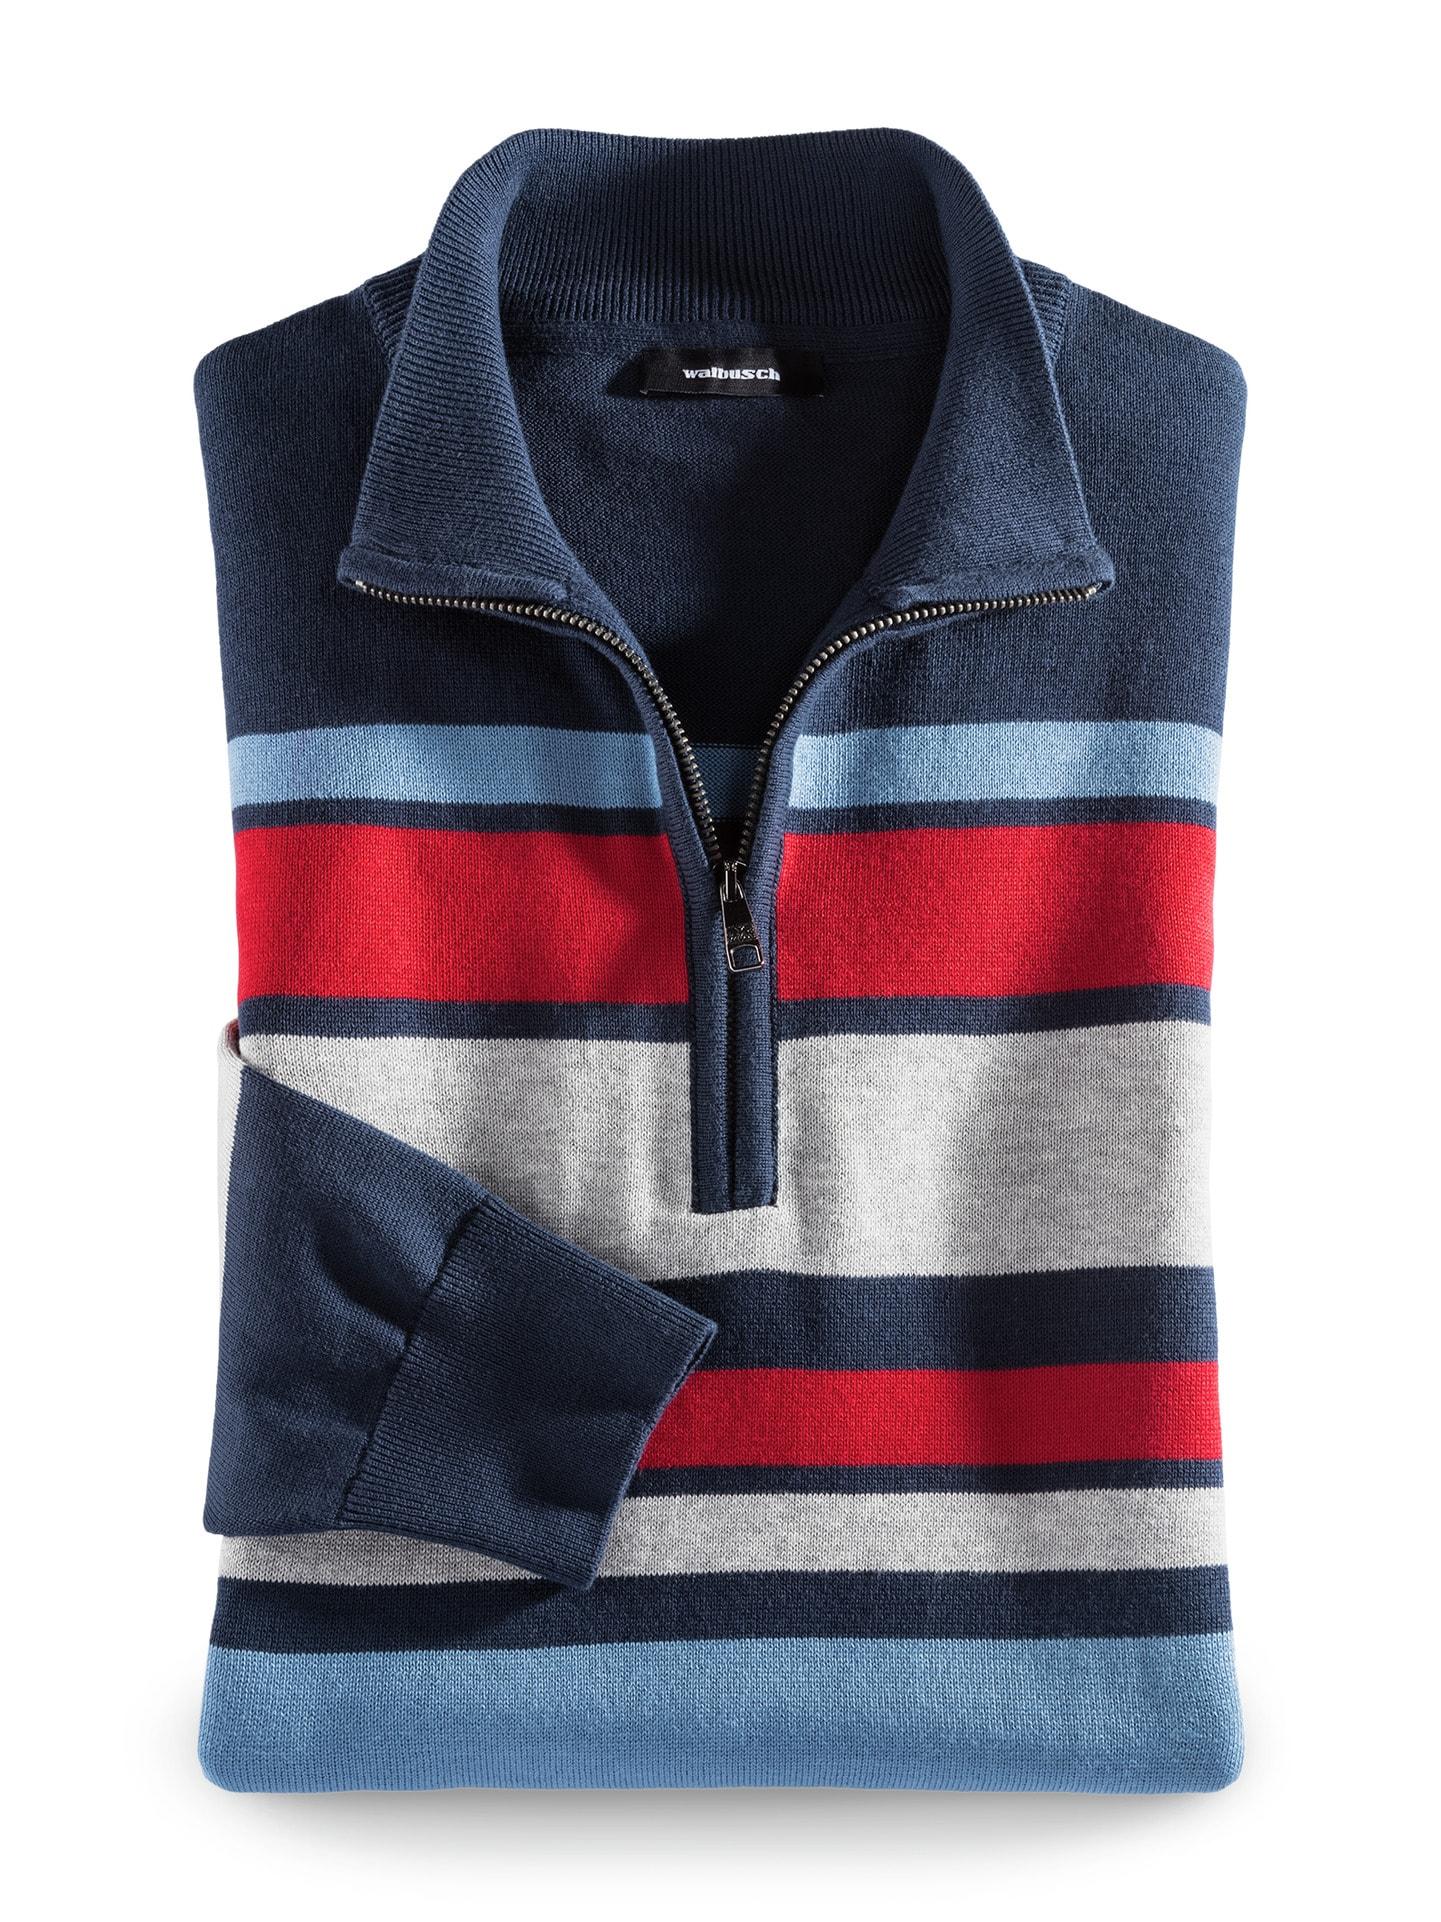 Artikel klicken und genauer betrachten! - Die Segel sind Richtung Langlebigkeit gesetzt. Der gestreifte Troyer ist aus langstapeliger Baumwolle gefertigt, einer extra  hochwertigen Qualität. Sie ist besonders fein, dabei strapazierfähig. Weitere Pluspunkte: Die Farben bleiben leuchtend, der Pullover pillt nicht und behält die Form. Kleiner Tipp: Nach der Wäsche lassen Sie den Troyer einfach liegend trocknen. Optisch bringen die Streifen frischen Wind in Ihre Garderobe. | im Online Shop kaufen